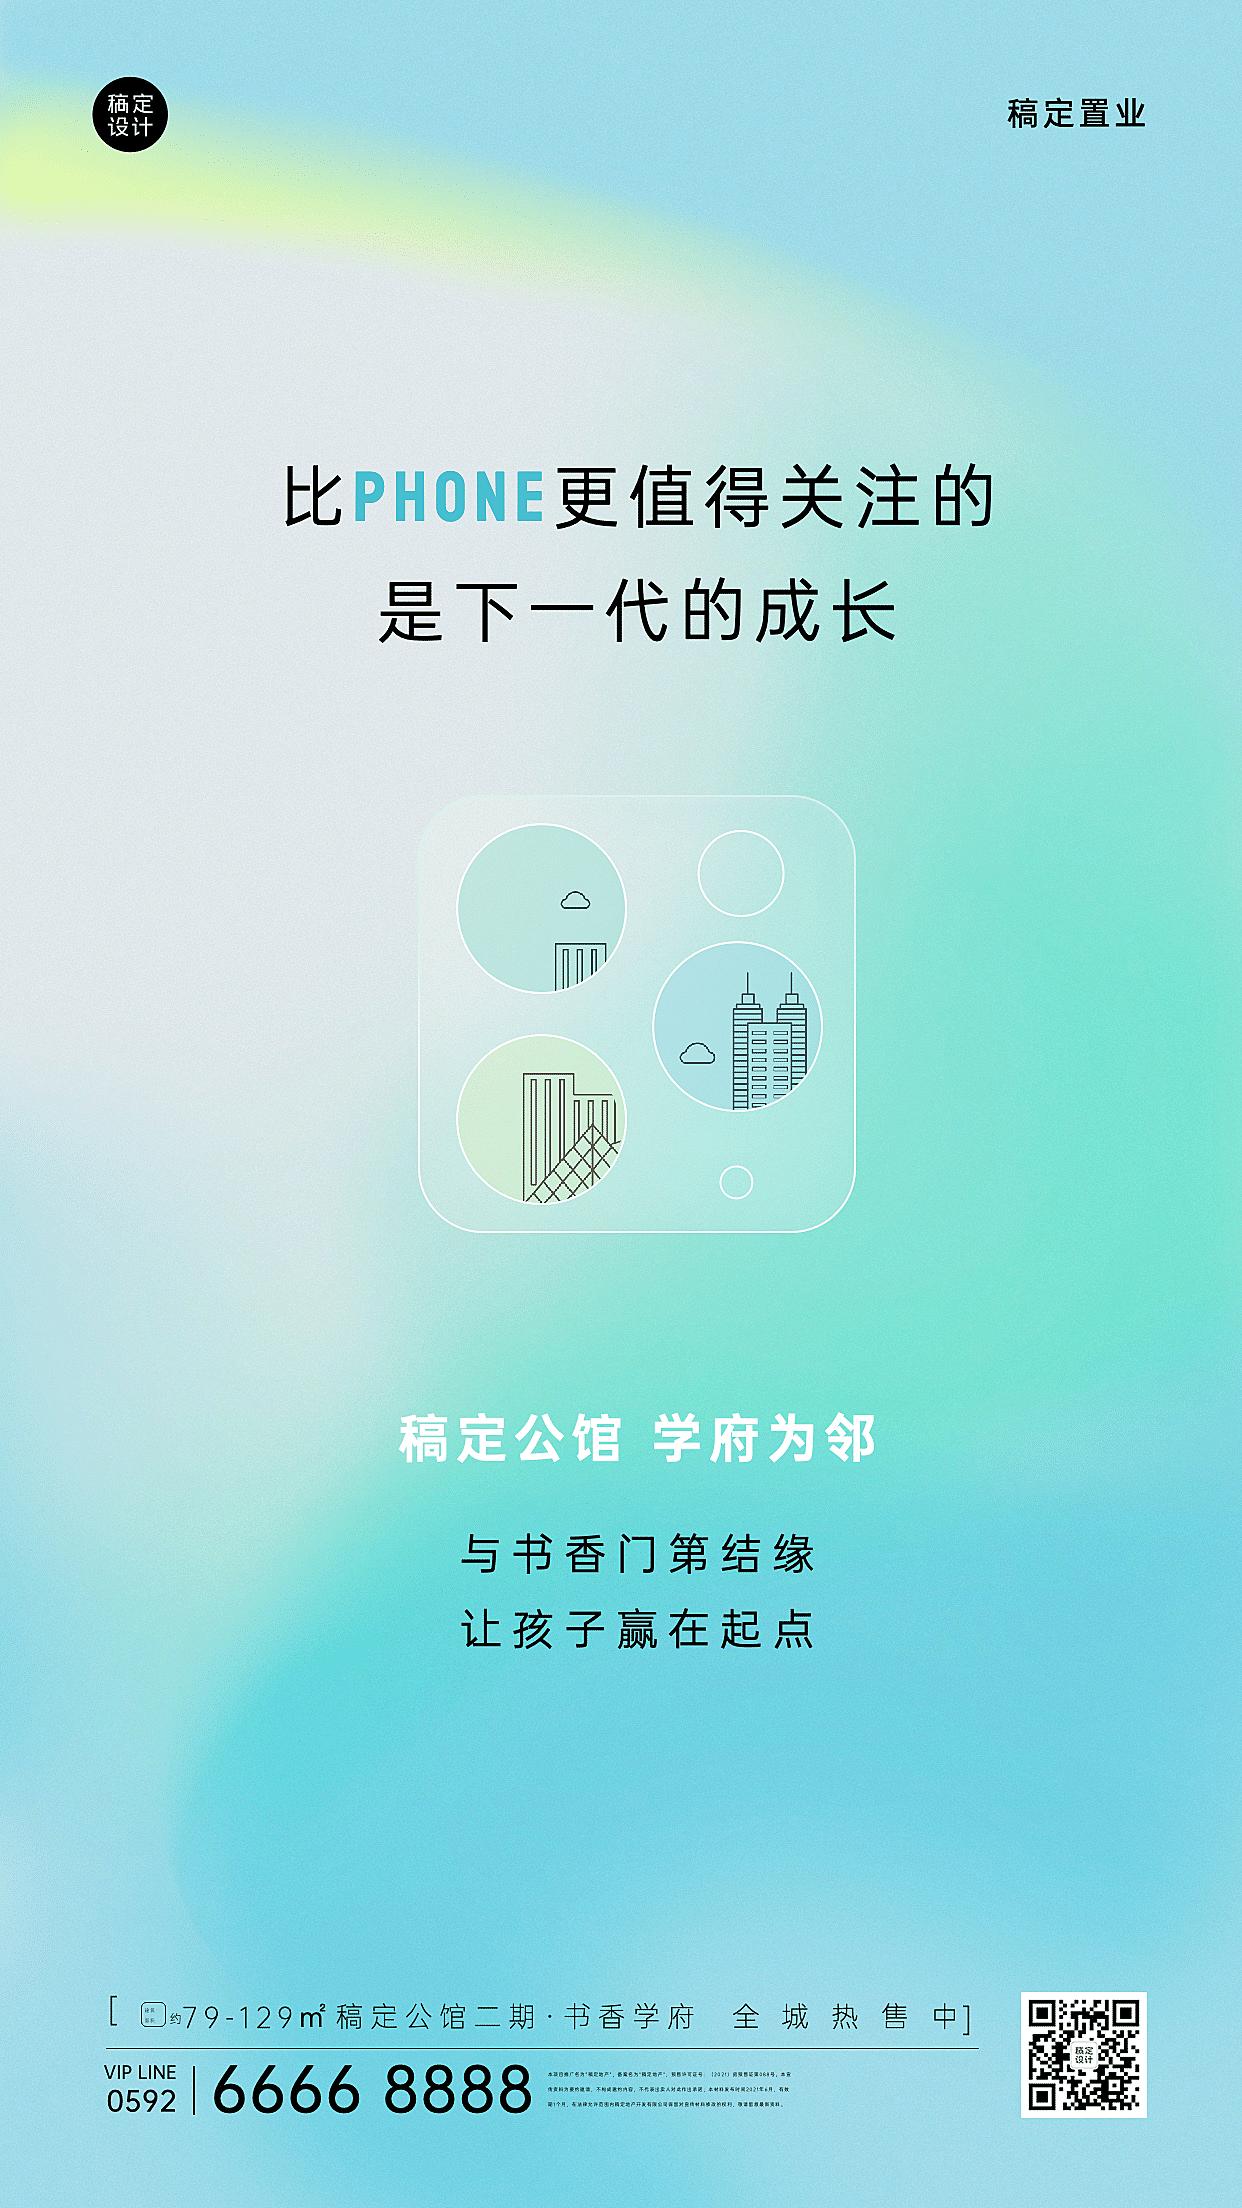 房地产iPhone发布热点学区营销海报